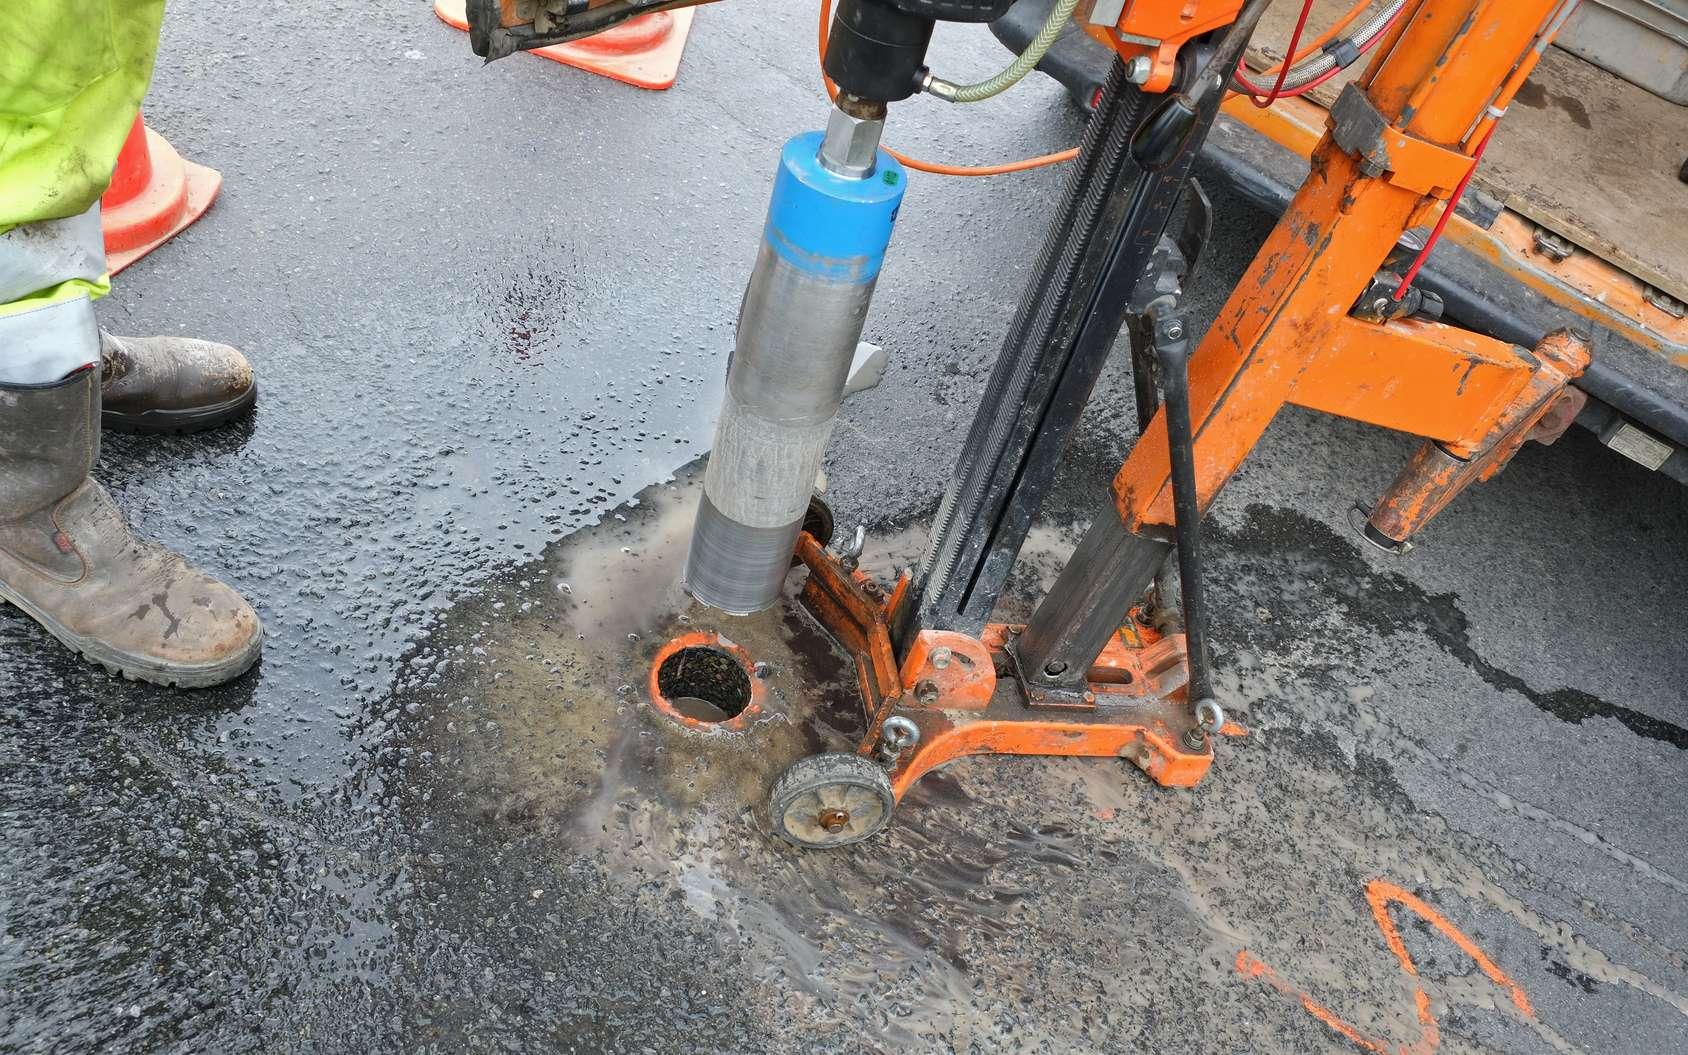 Le géotechnicien doit s'assurer de la stabilité d'un sol afin d'éviter tout risque d'écrasement ou d'affaissement. © Dominique VERNIER, Fotolia.